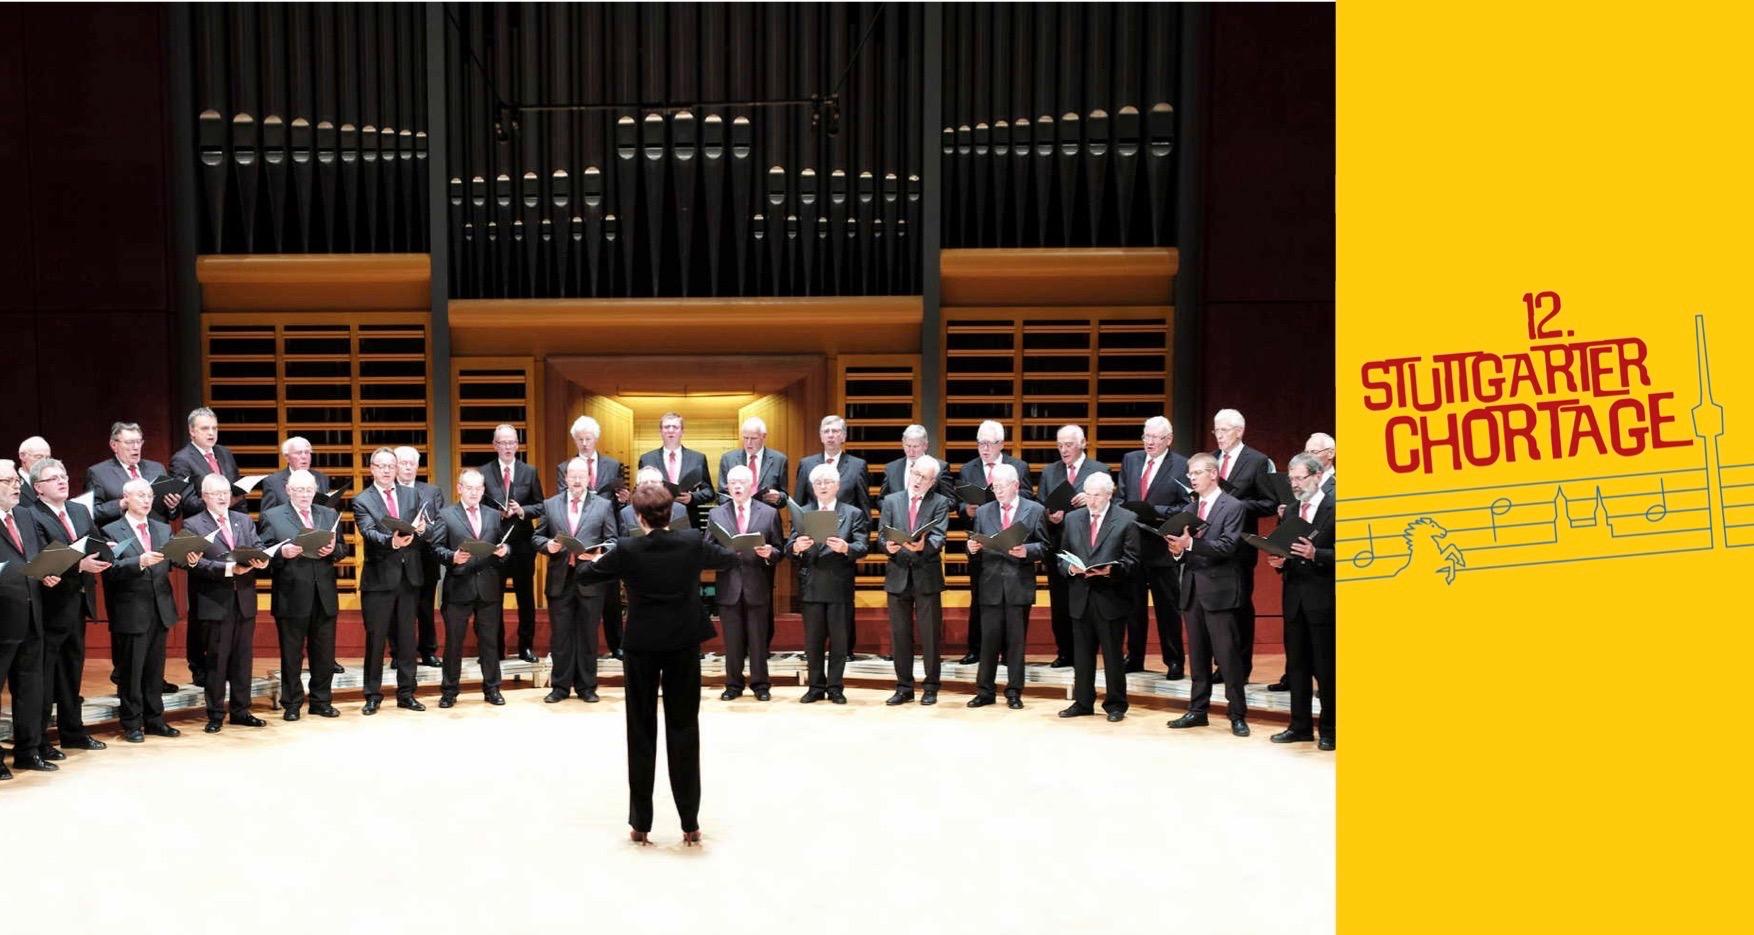 Großes Abschlusskonzert – im Rahmen der 12. Stuttgarter Chortage ...